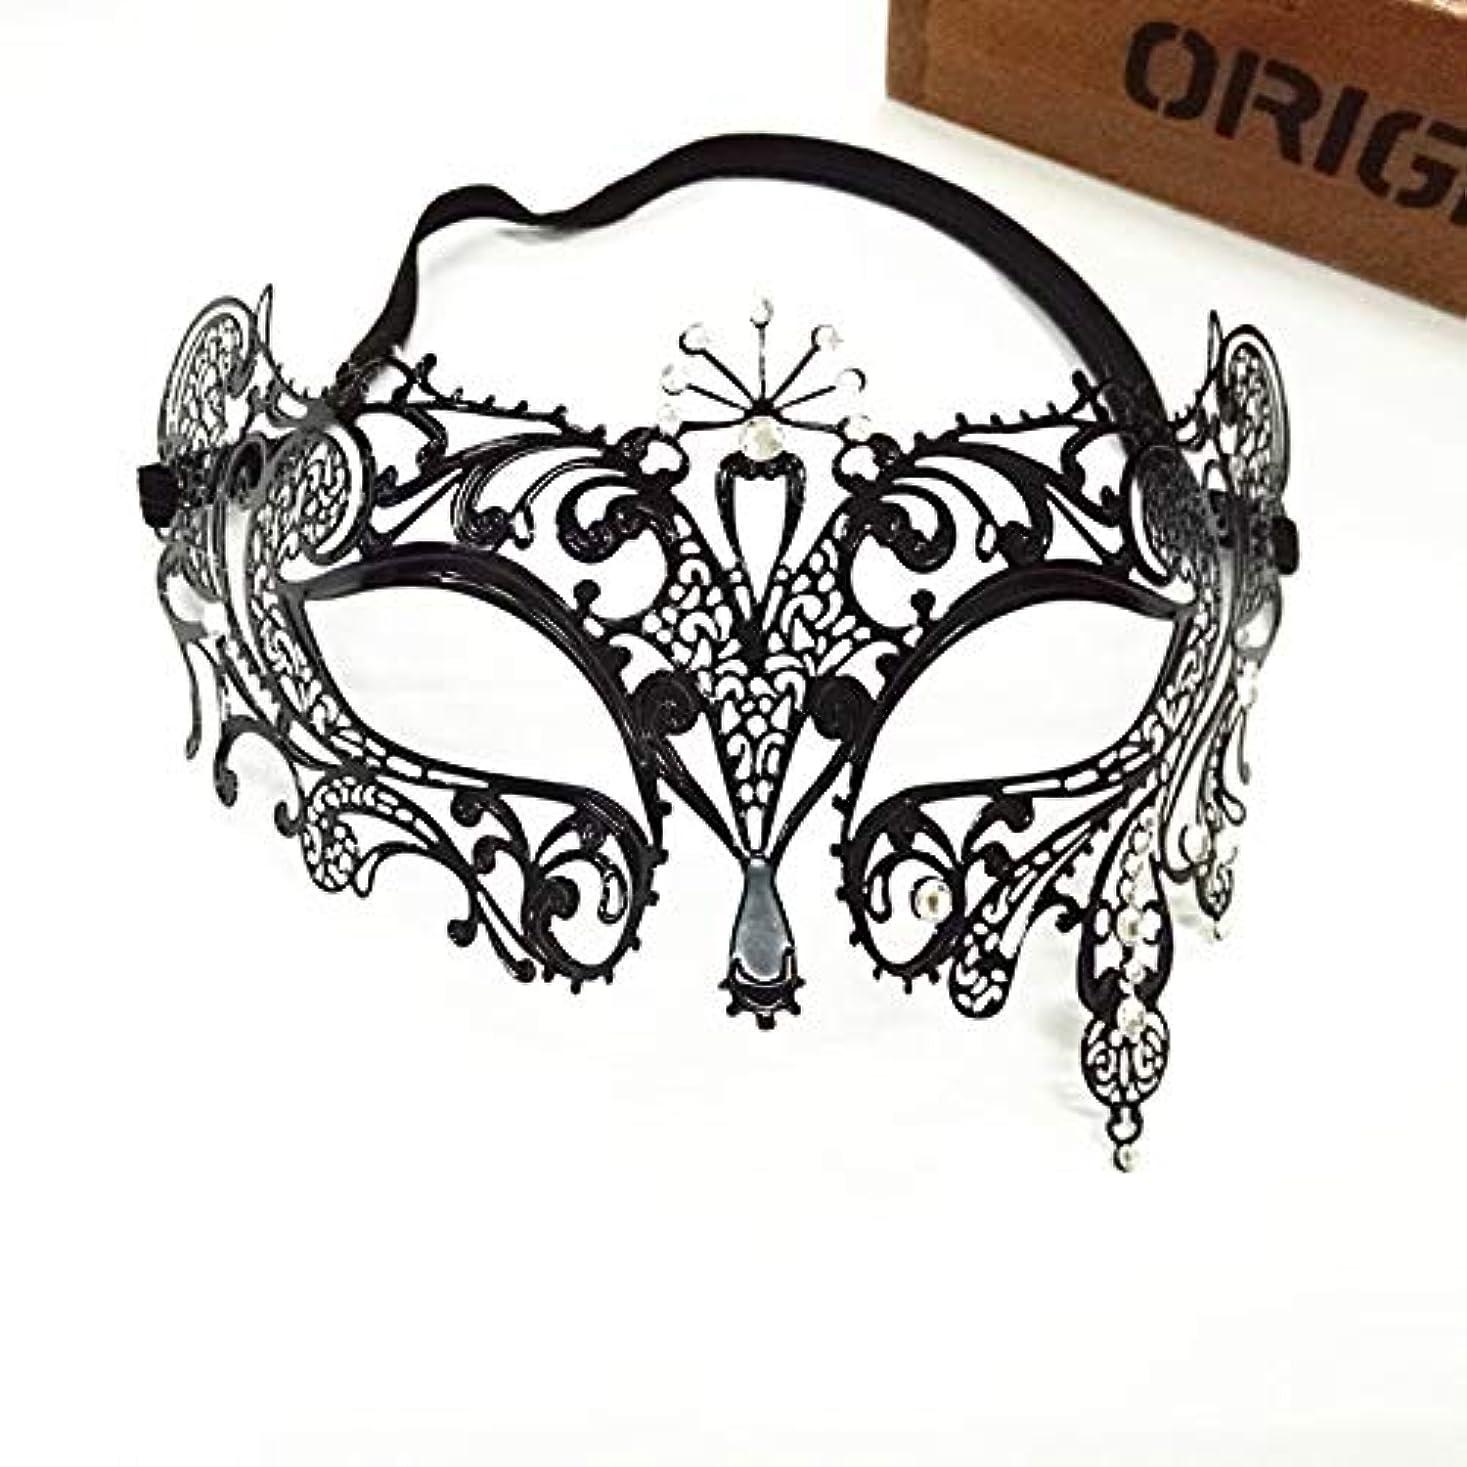 構想するそれら賛美歌ハロウィン女性のマスク高級金属マスク仮装アイマスク